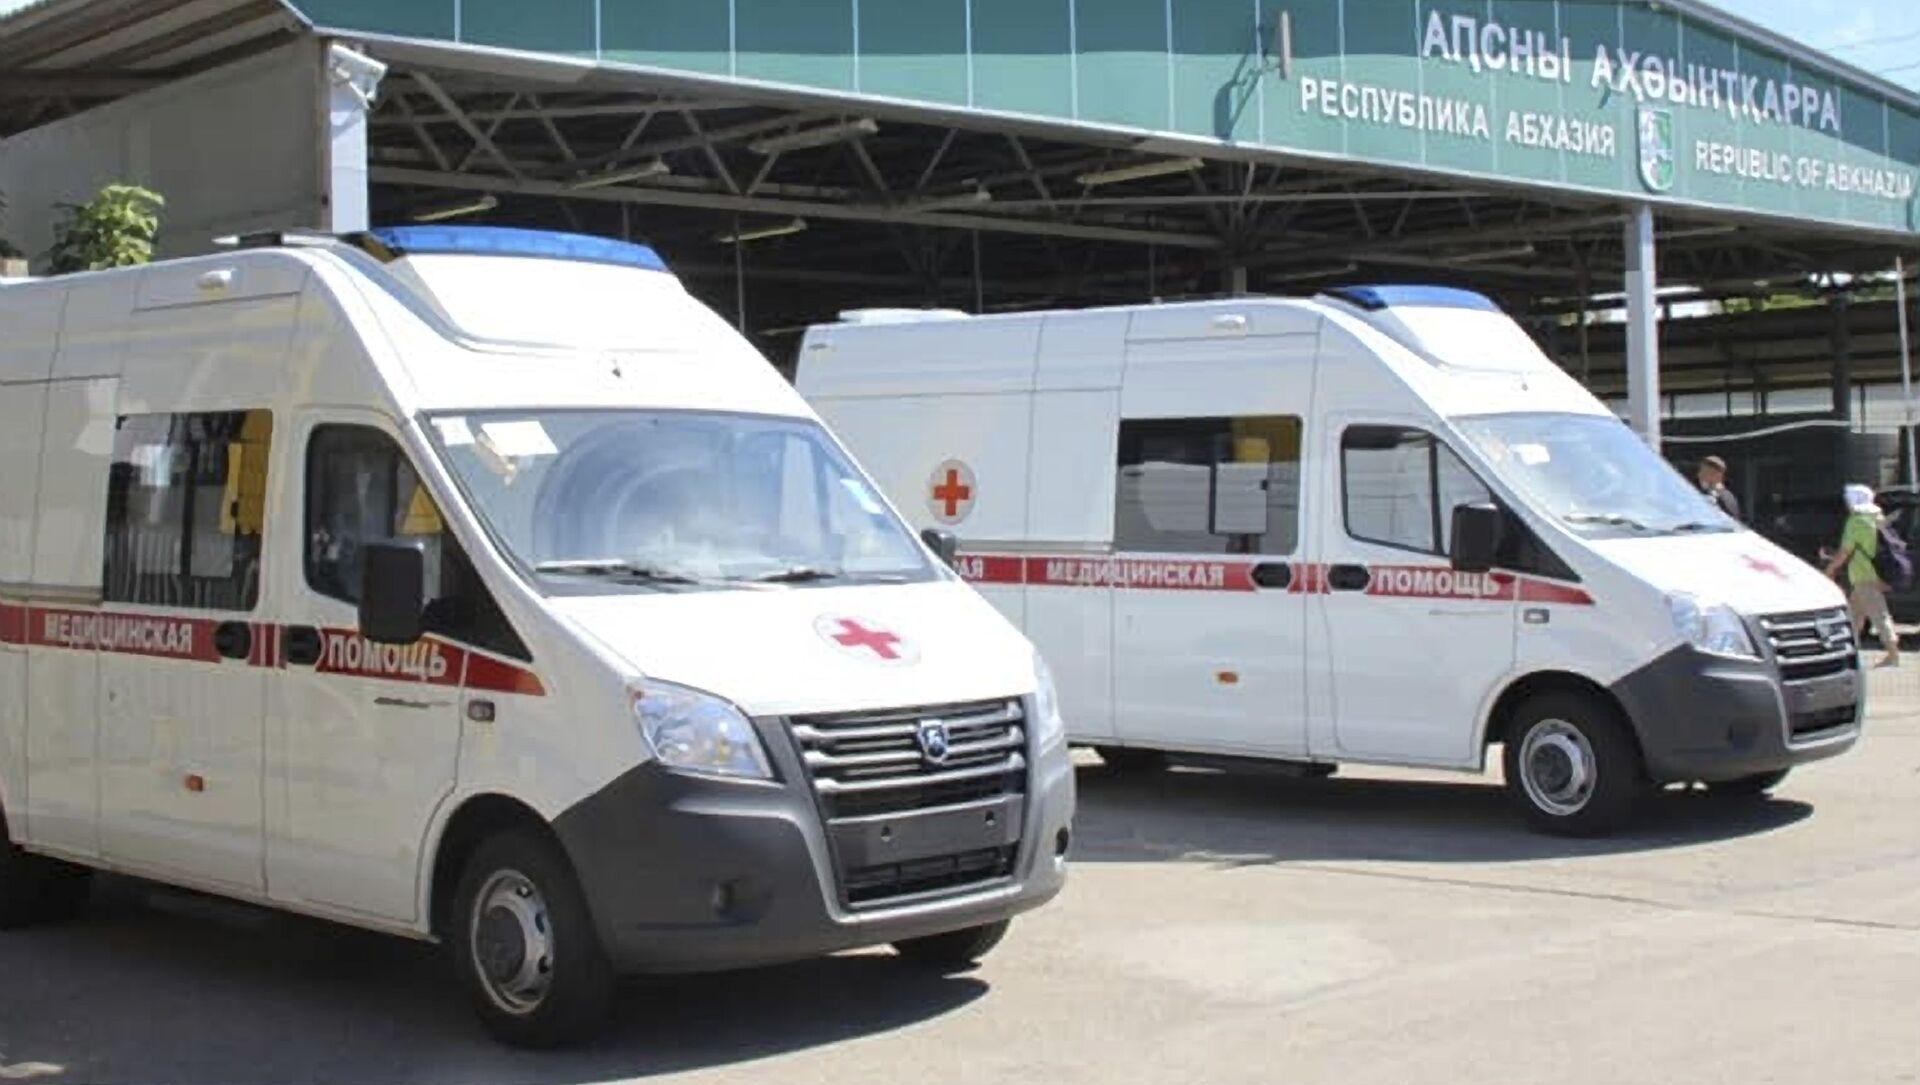 Минздрав Абхазии получил две машины скорой помощи в дар от Чеченской Республики.  - Sputnik Аҧсны, 1920, 05.09.2021